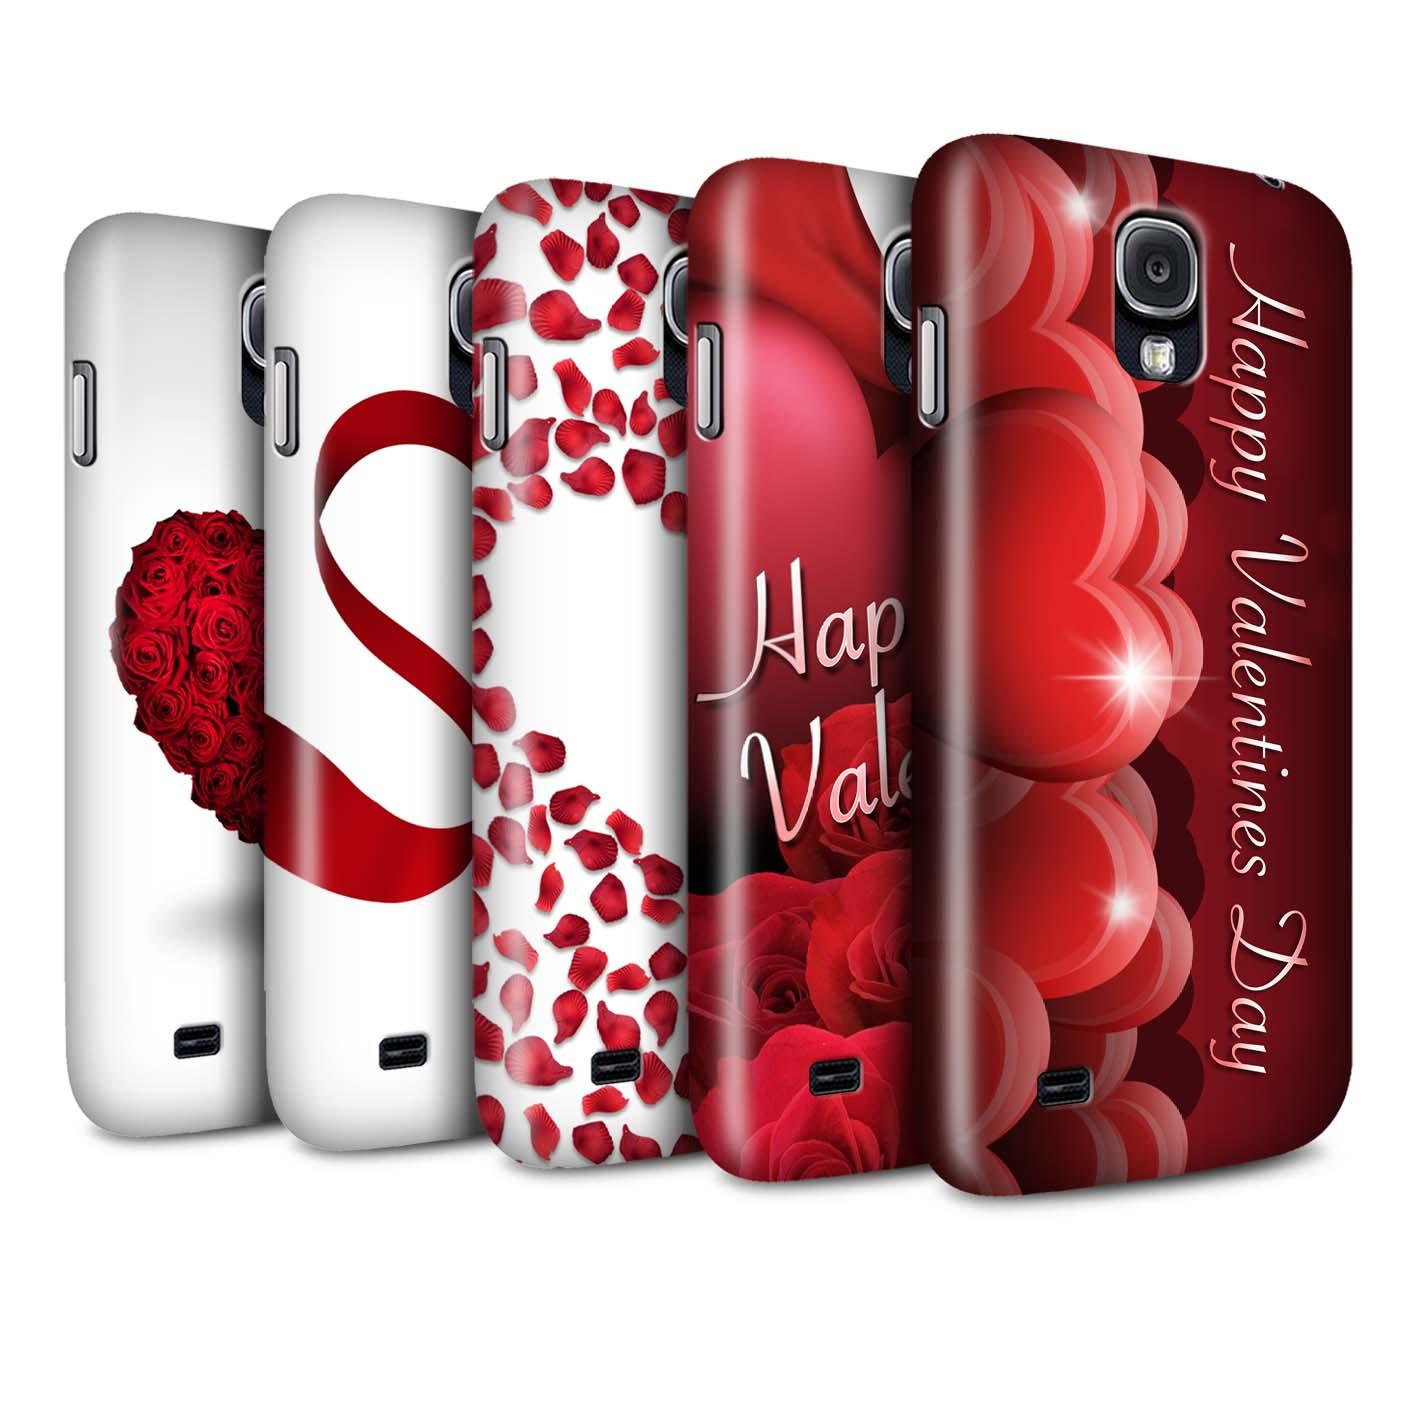 STUFF4-Matte-Phone-Case-for-Samsung-Galaxy-S4-SIV-Valentine-Heart